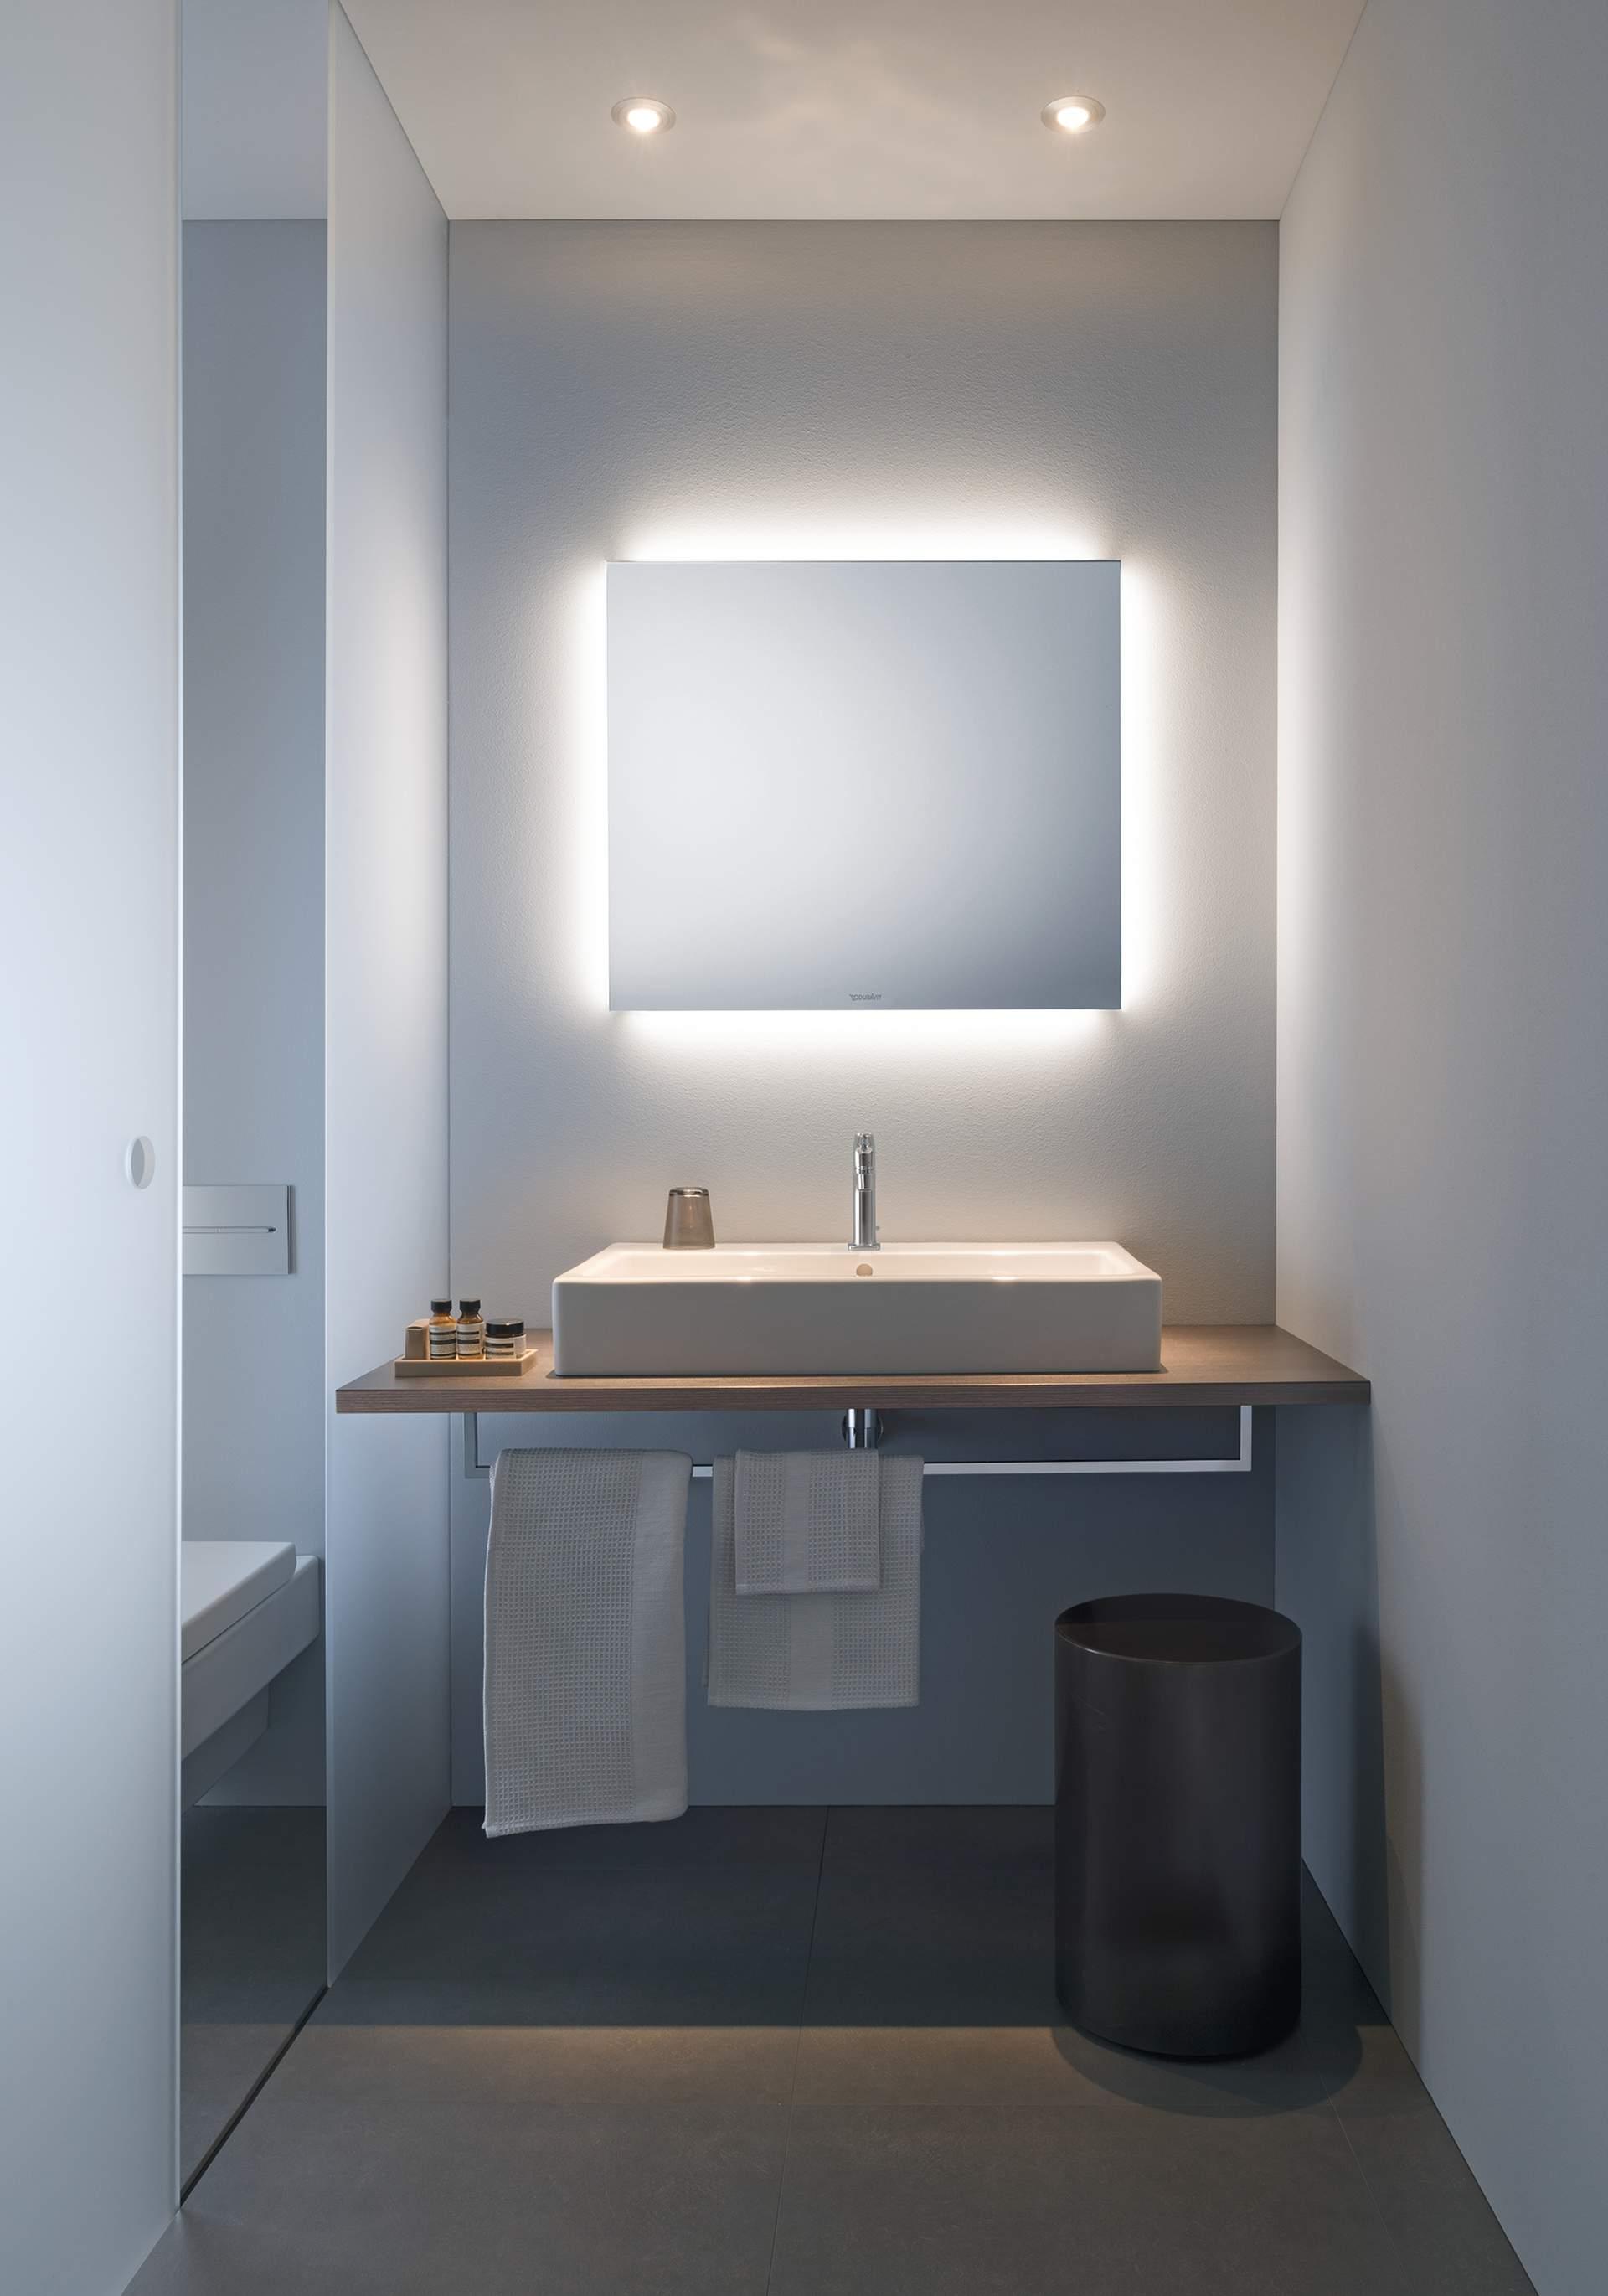 Licht Und Spiegel. Design By Duravit